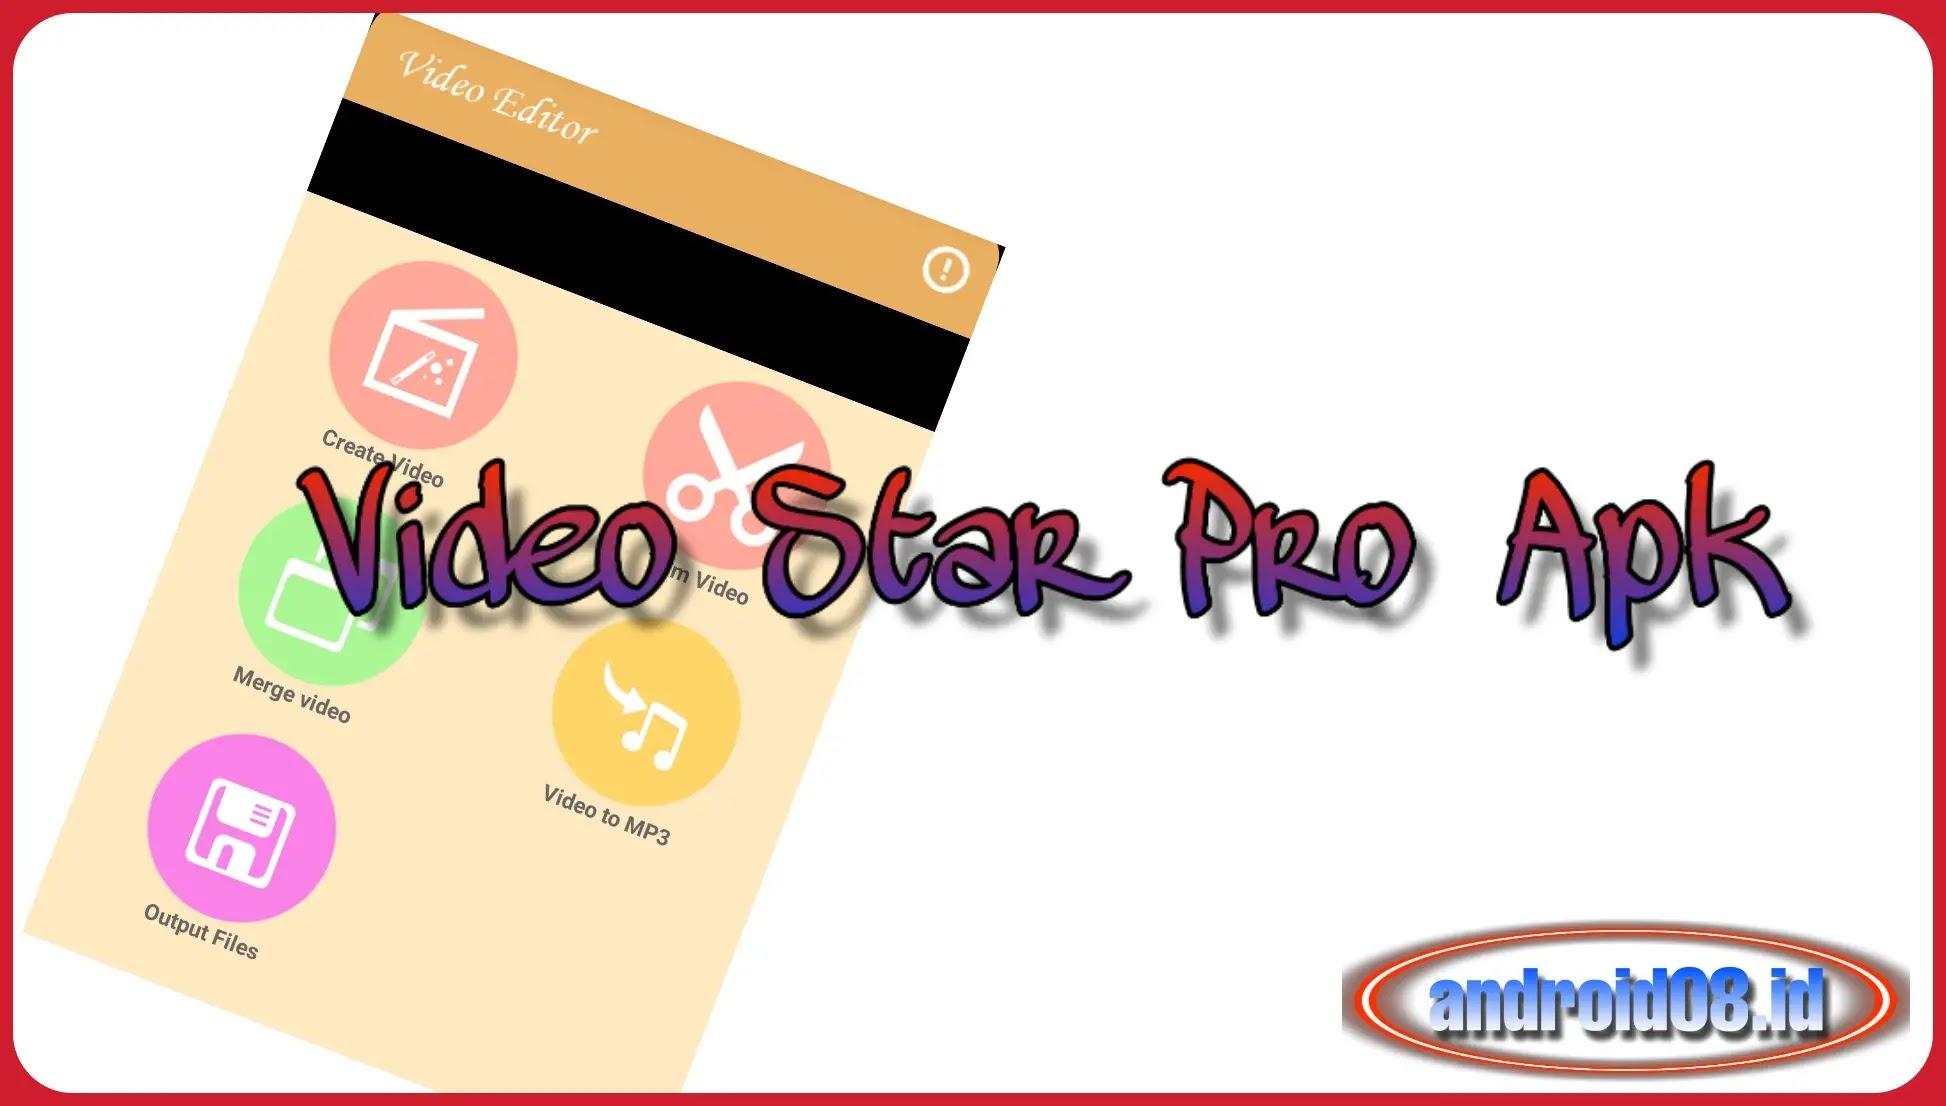 Download Aplikasi Video Star Pro Gratis Untuk Android